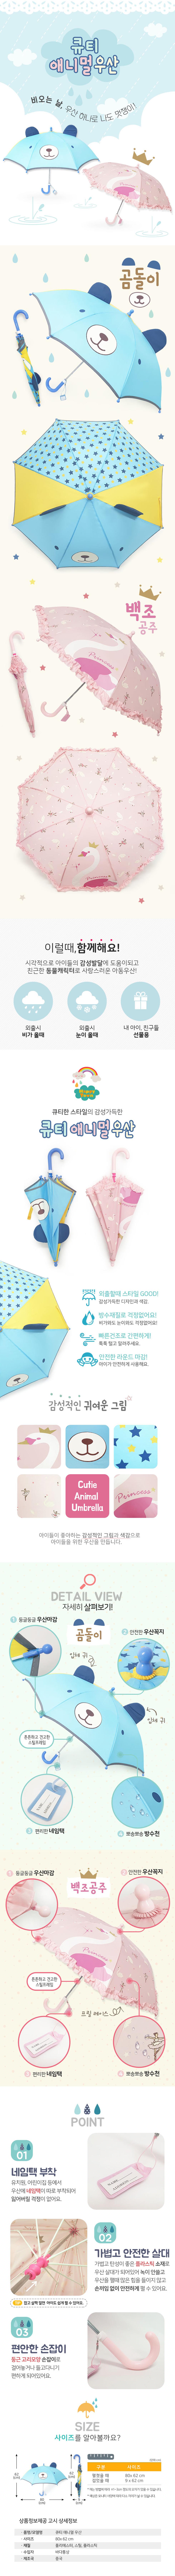 11000-큐티애니멀우산.jpg